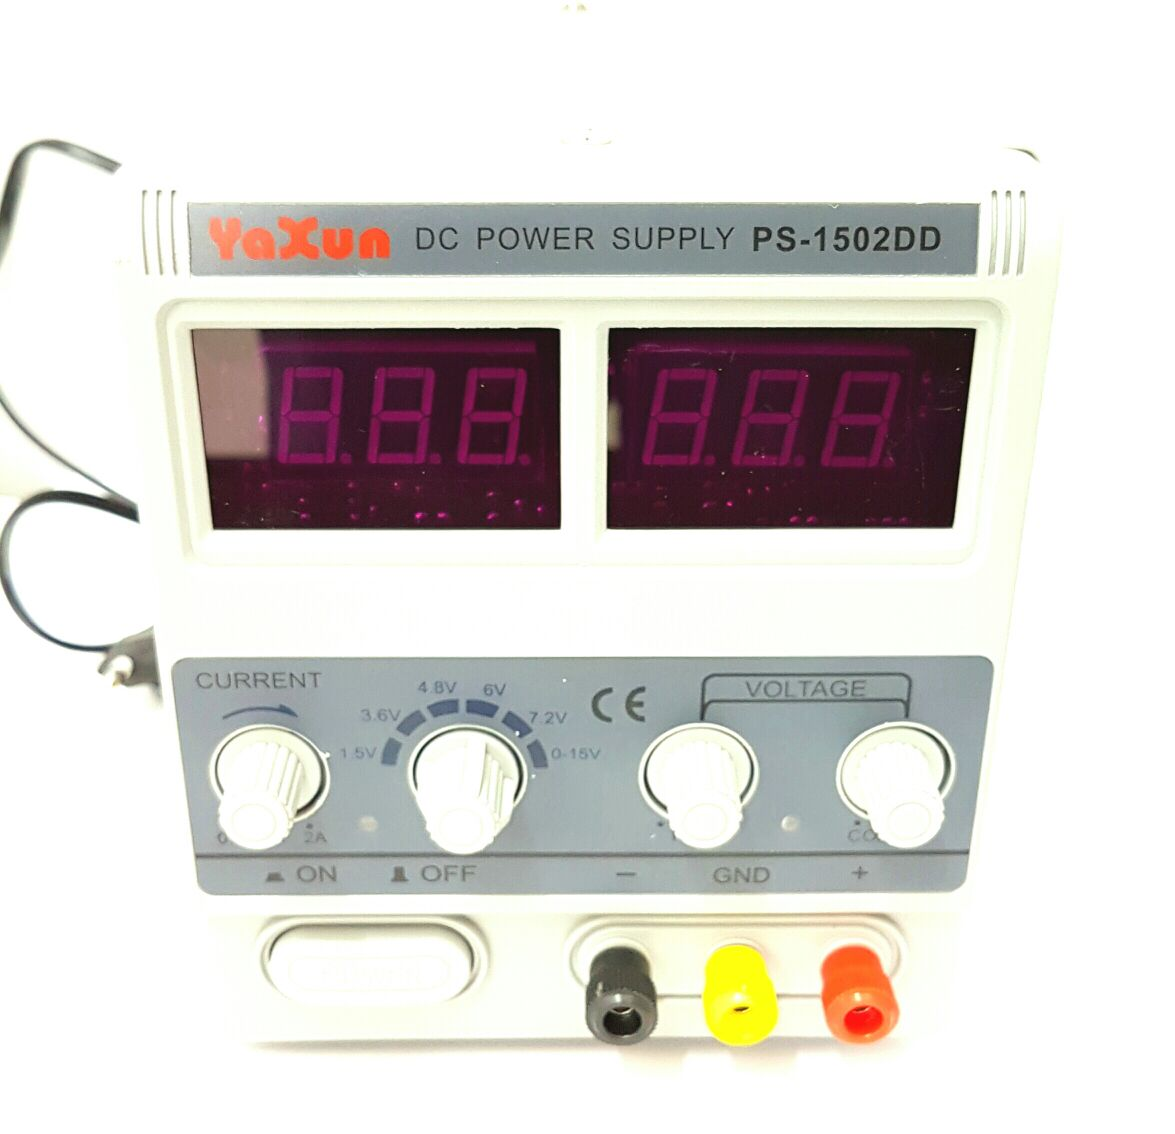 Fonte de Alimentação Reguladora Digital Yazun 0-15V 2A PS-1502DD 220V